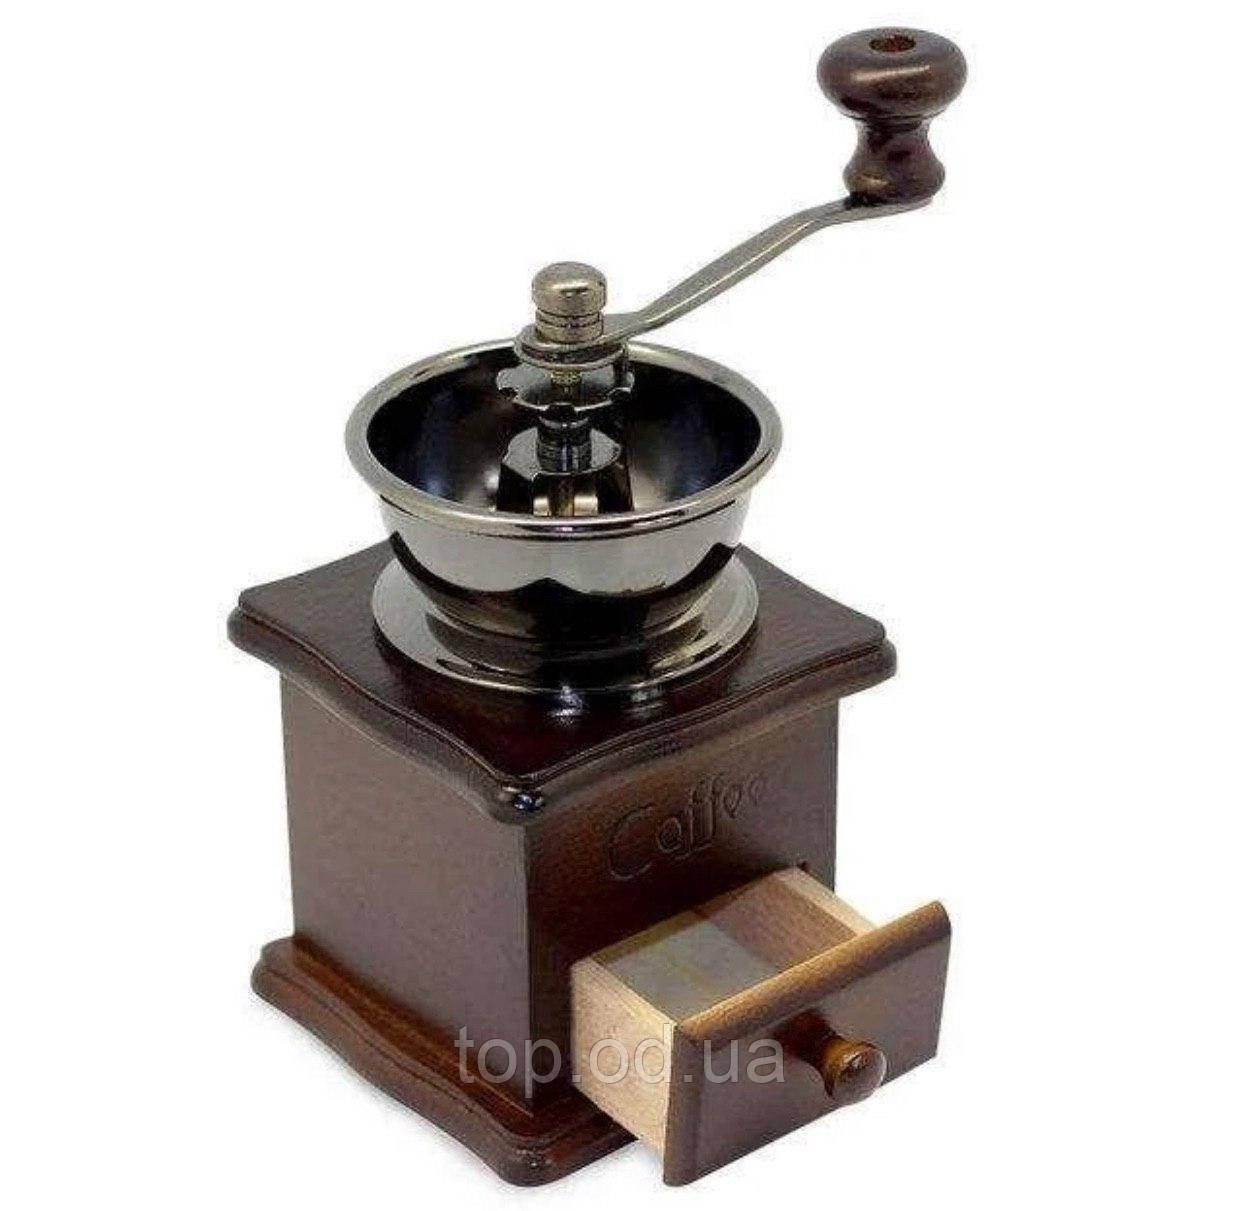 Кофемолка ручная механическая Kamille